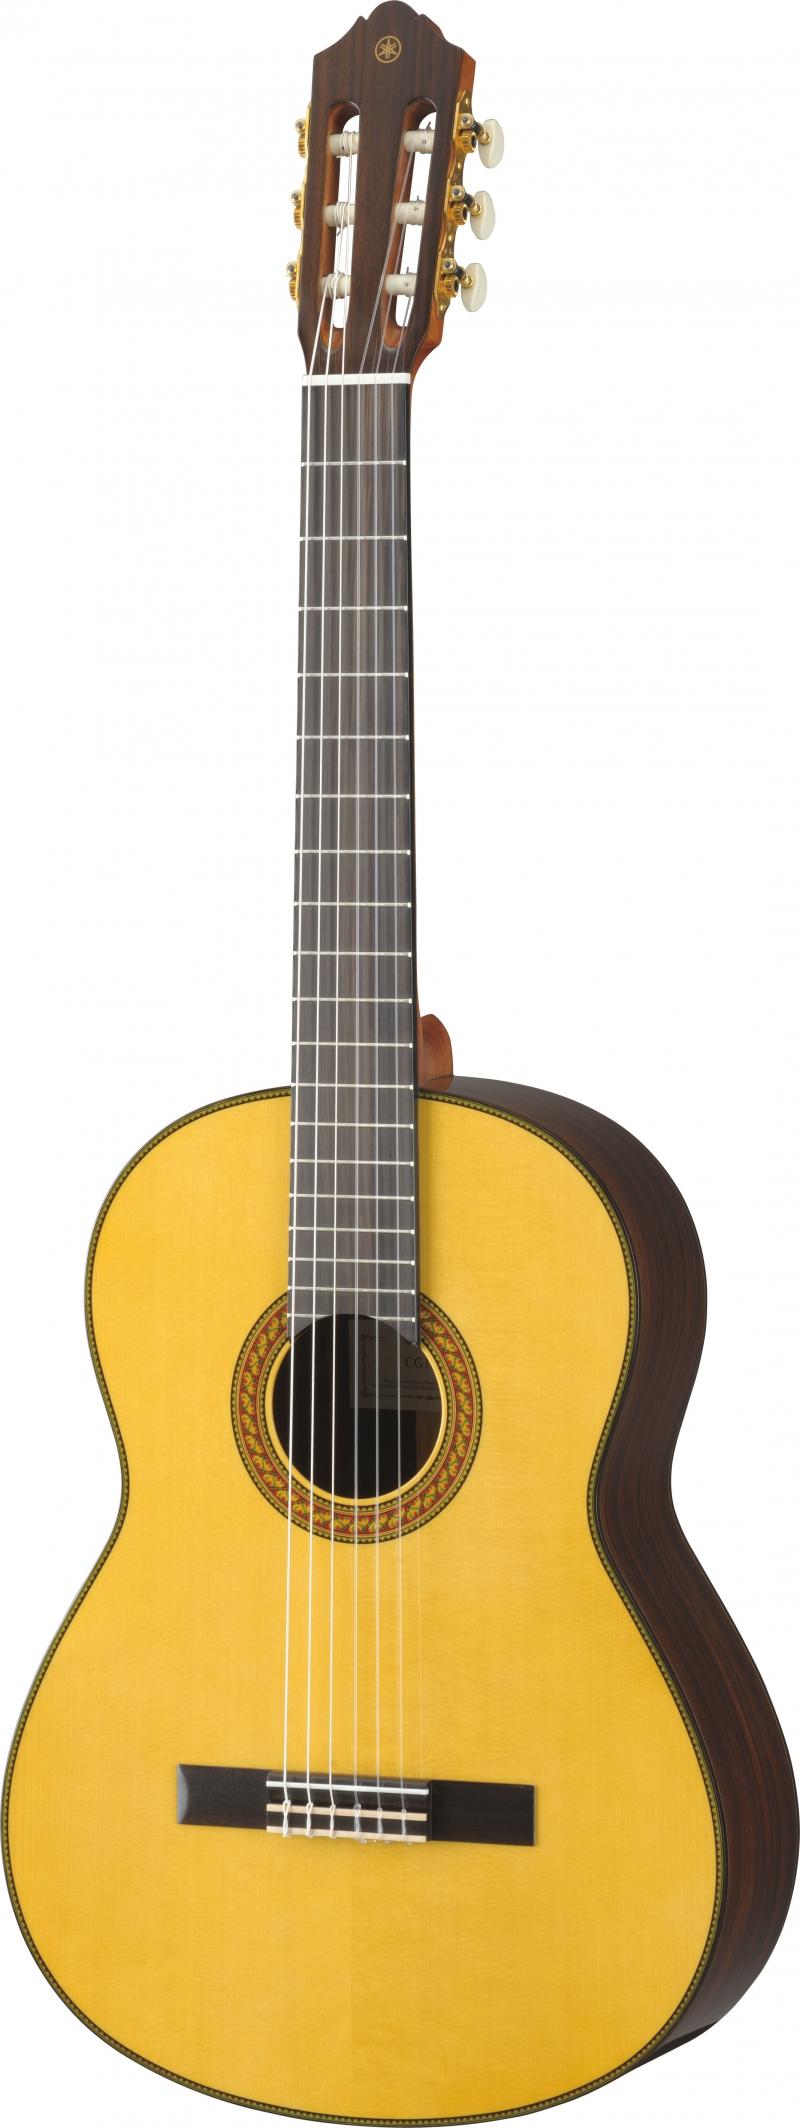 Yamaha CG192S klasiskā ģitāra